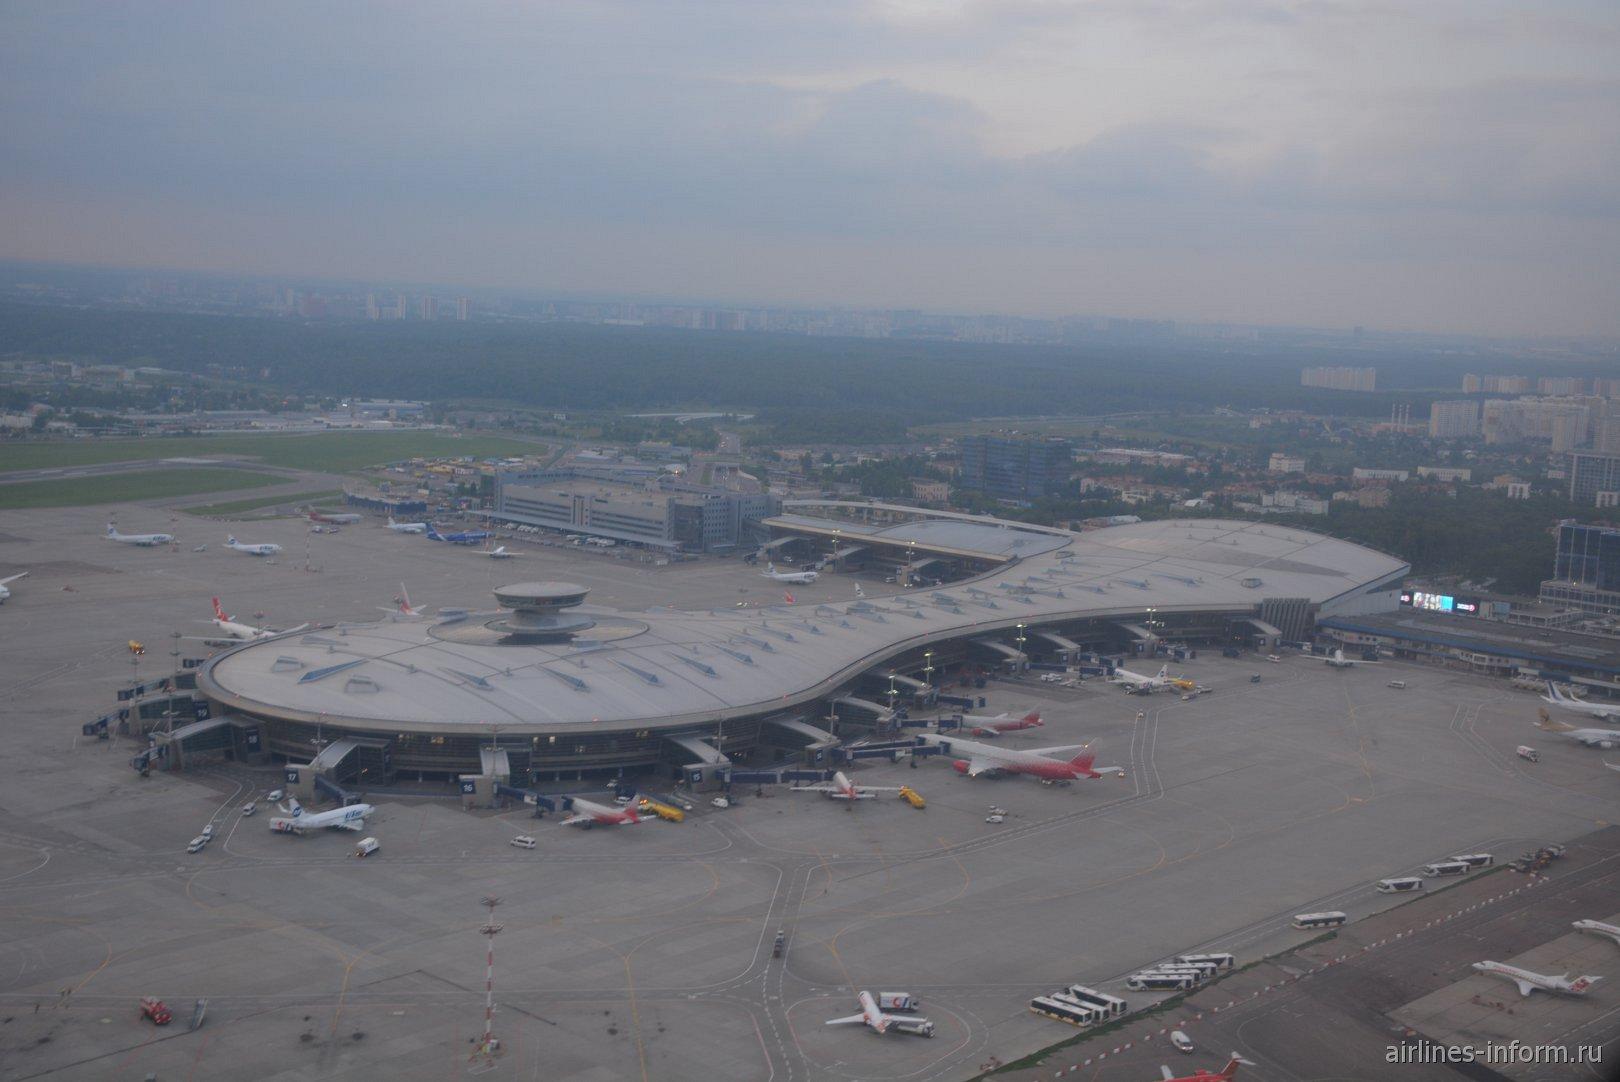 Пассажирский терминал А и грузовой комплекс аэропорта Москва Внуково